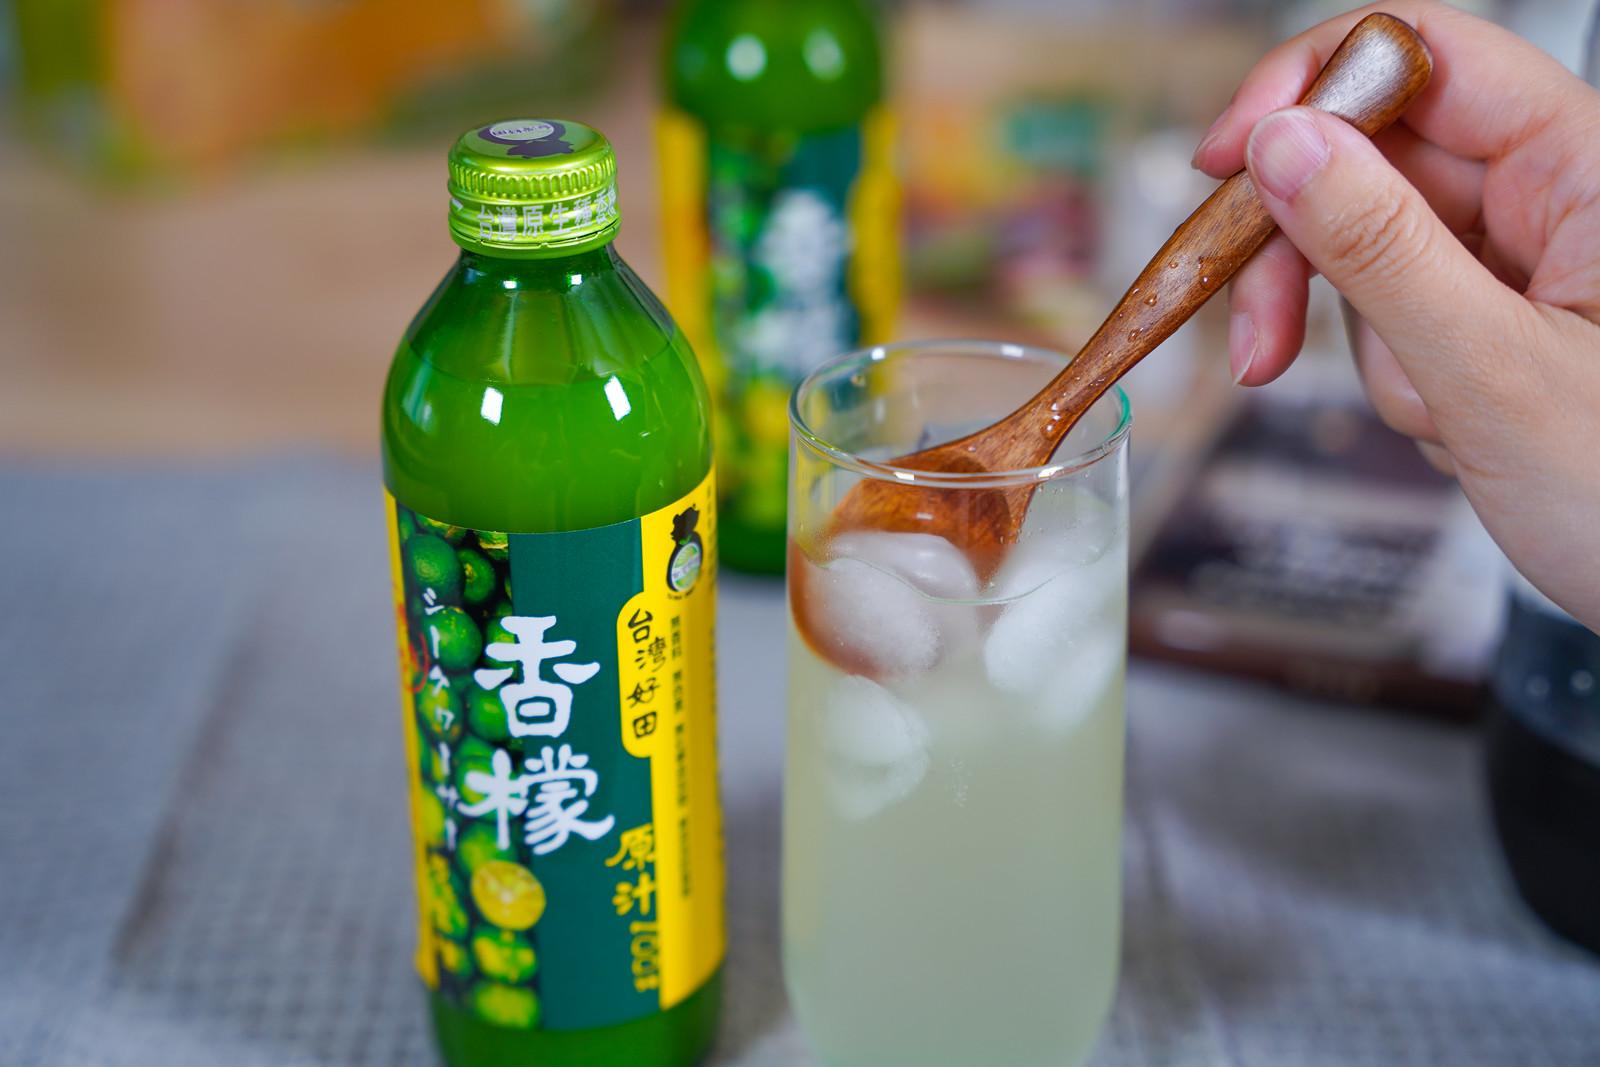 台灣好田-香檬原汁 檸檬水